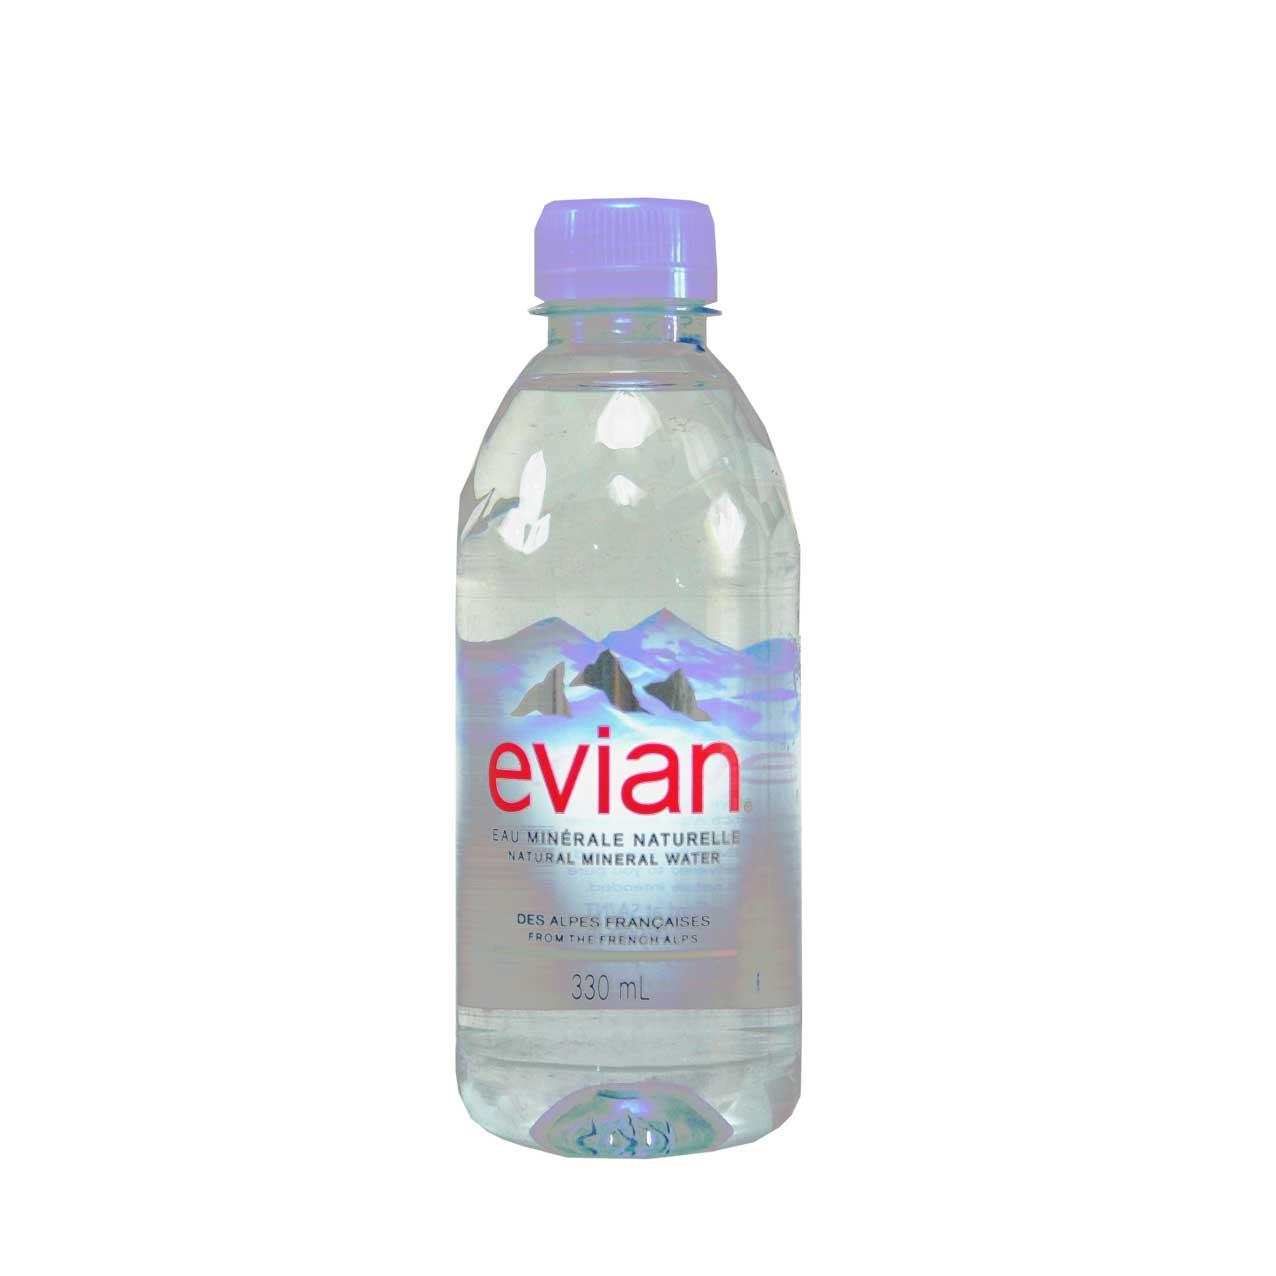 آب معدنی ۳۳۰ میلی لیتر اوین – evian